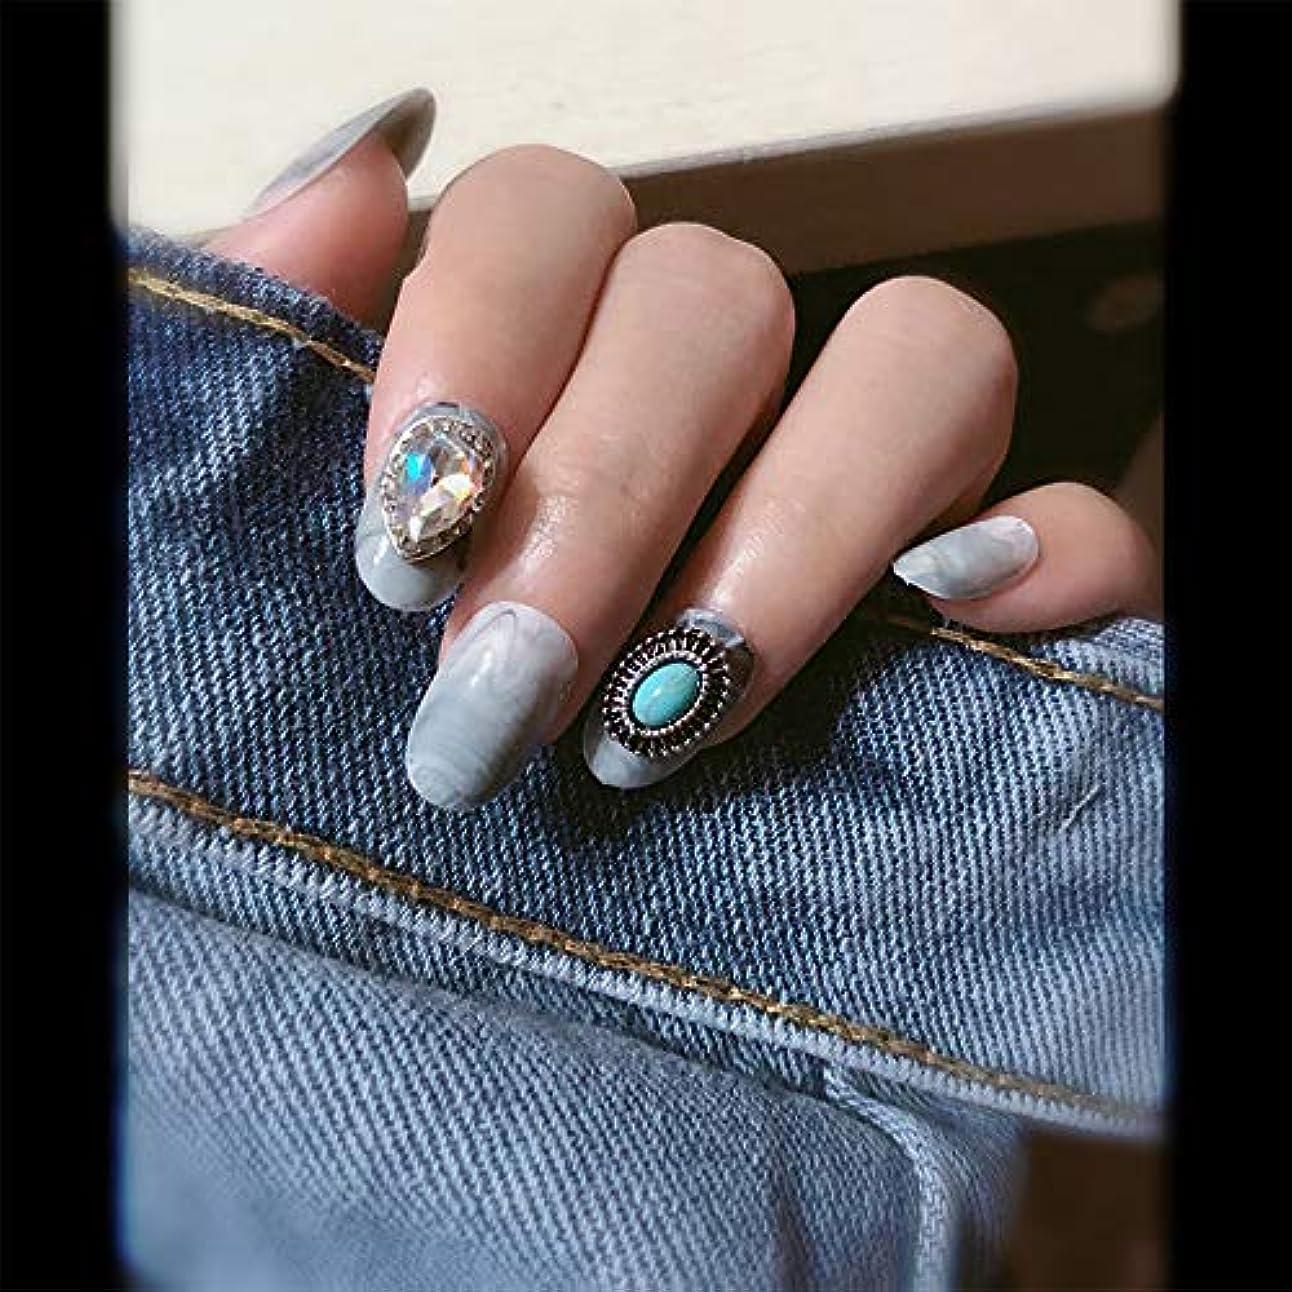 八百屋さん障害者疲労XUTXZKA 偽の爪を持つ丸い大理石のパターン女性の完全な爪のヒント花嫁の偽の爪